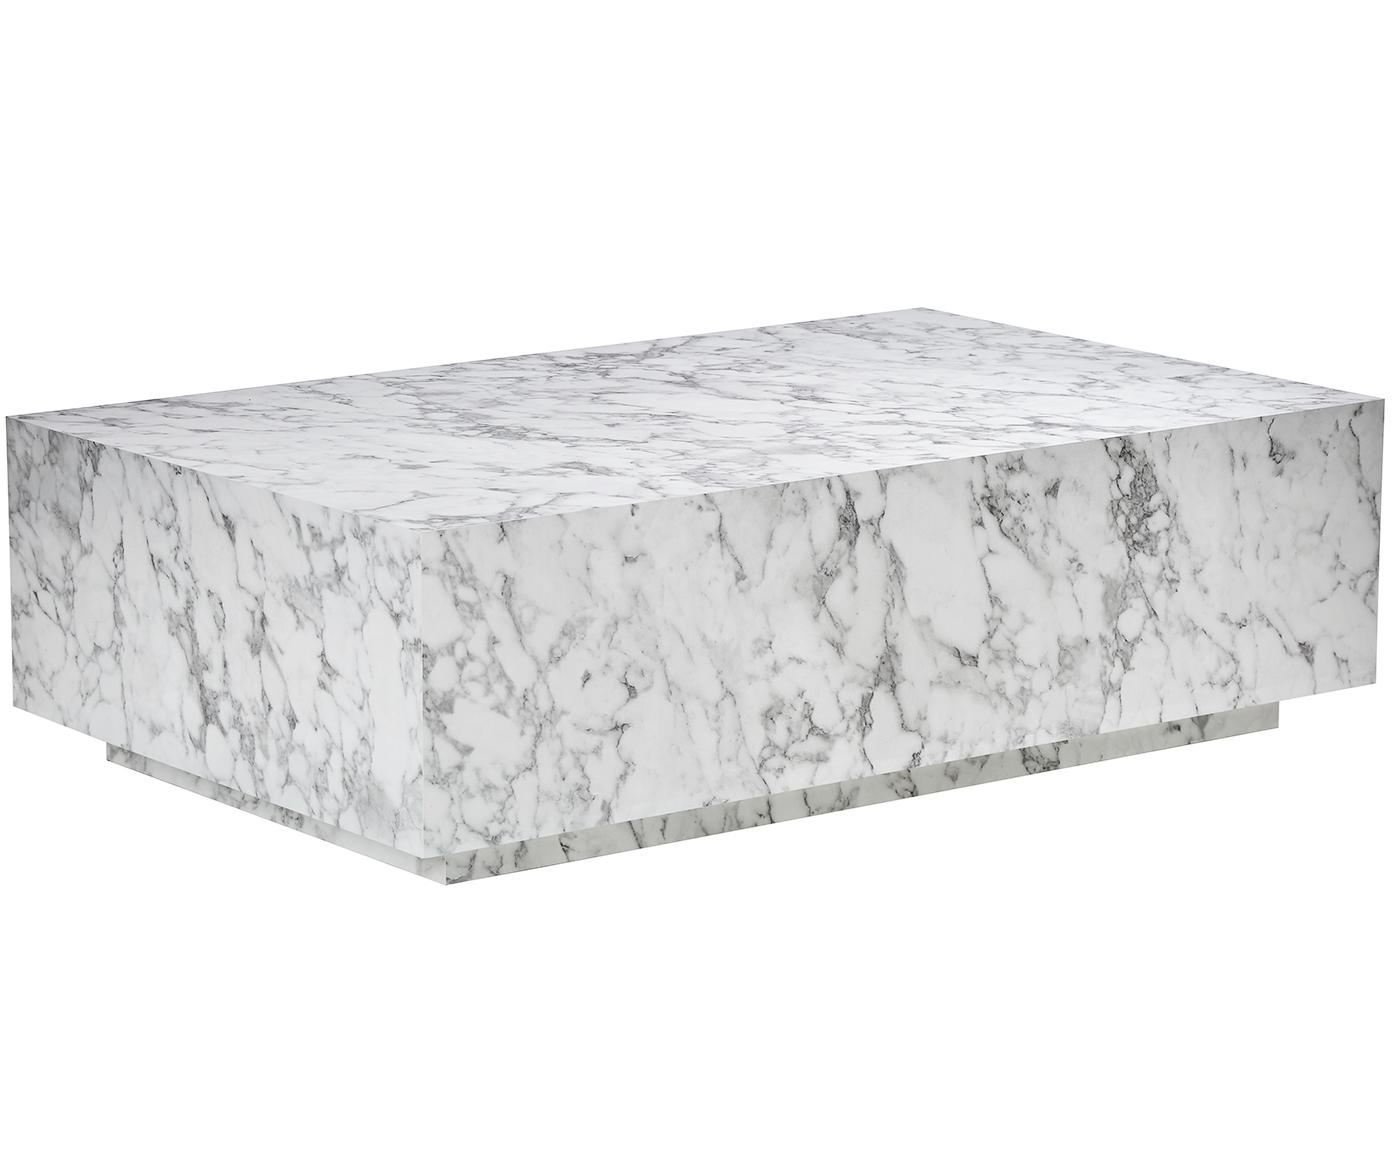 Schwebender Couchtisch Lesley in Marmoroptik, Mitteldichte Holzfaserplatte (MDF), mit Melaminfolie überzogen, Weiß, marmoriert, B 120 x T 75 cm